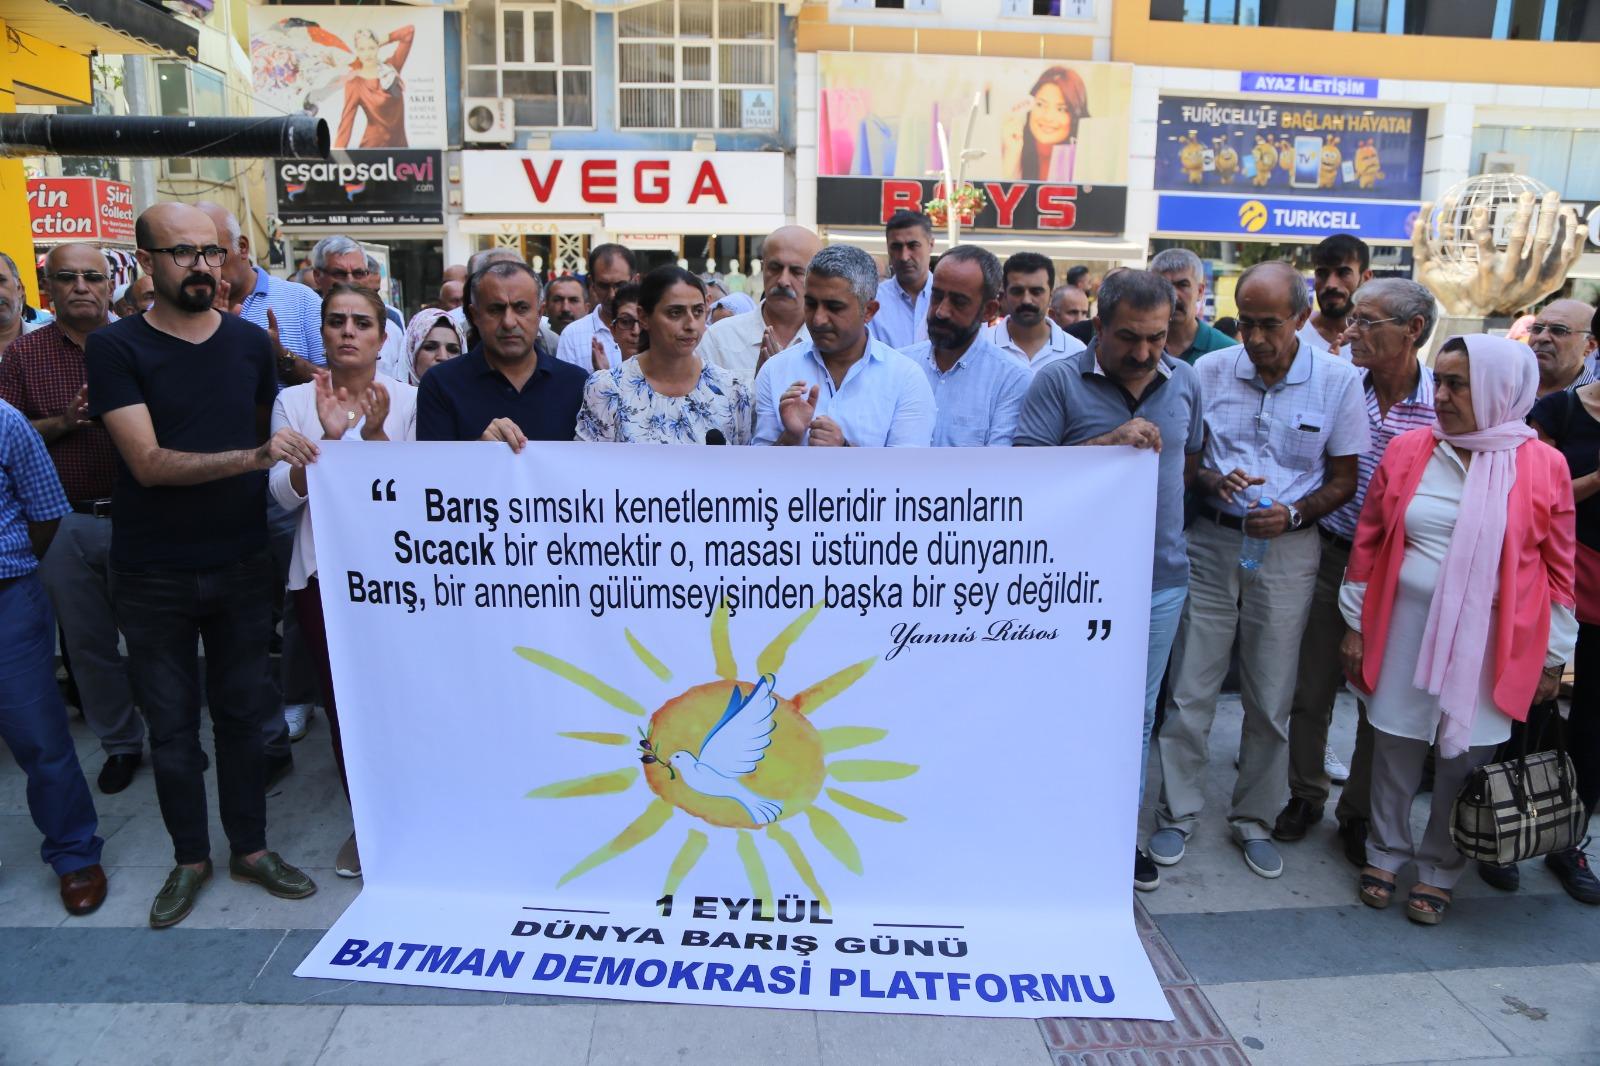 Batman Demokrasi Platformu 1 Eylül Diyarbakır Mitingine Çağrı Yaptı